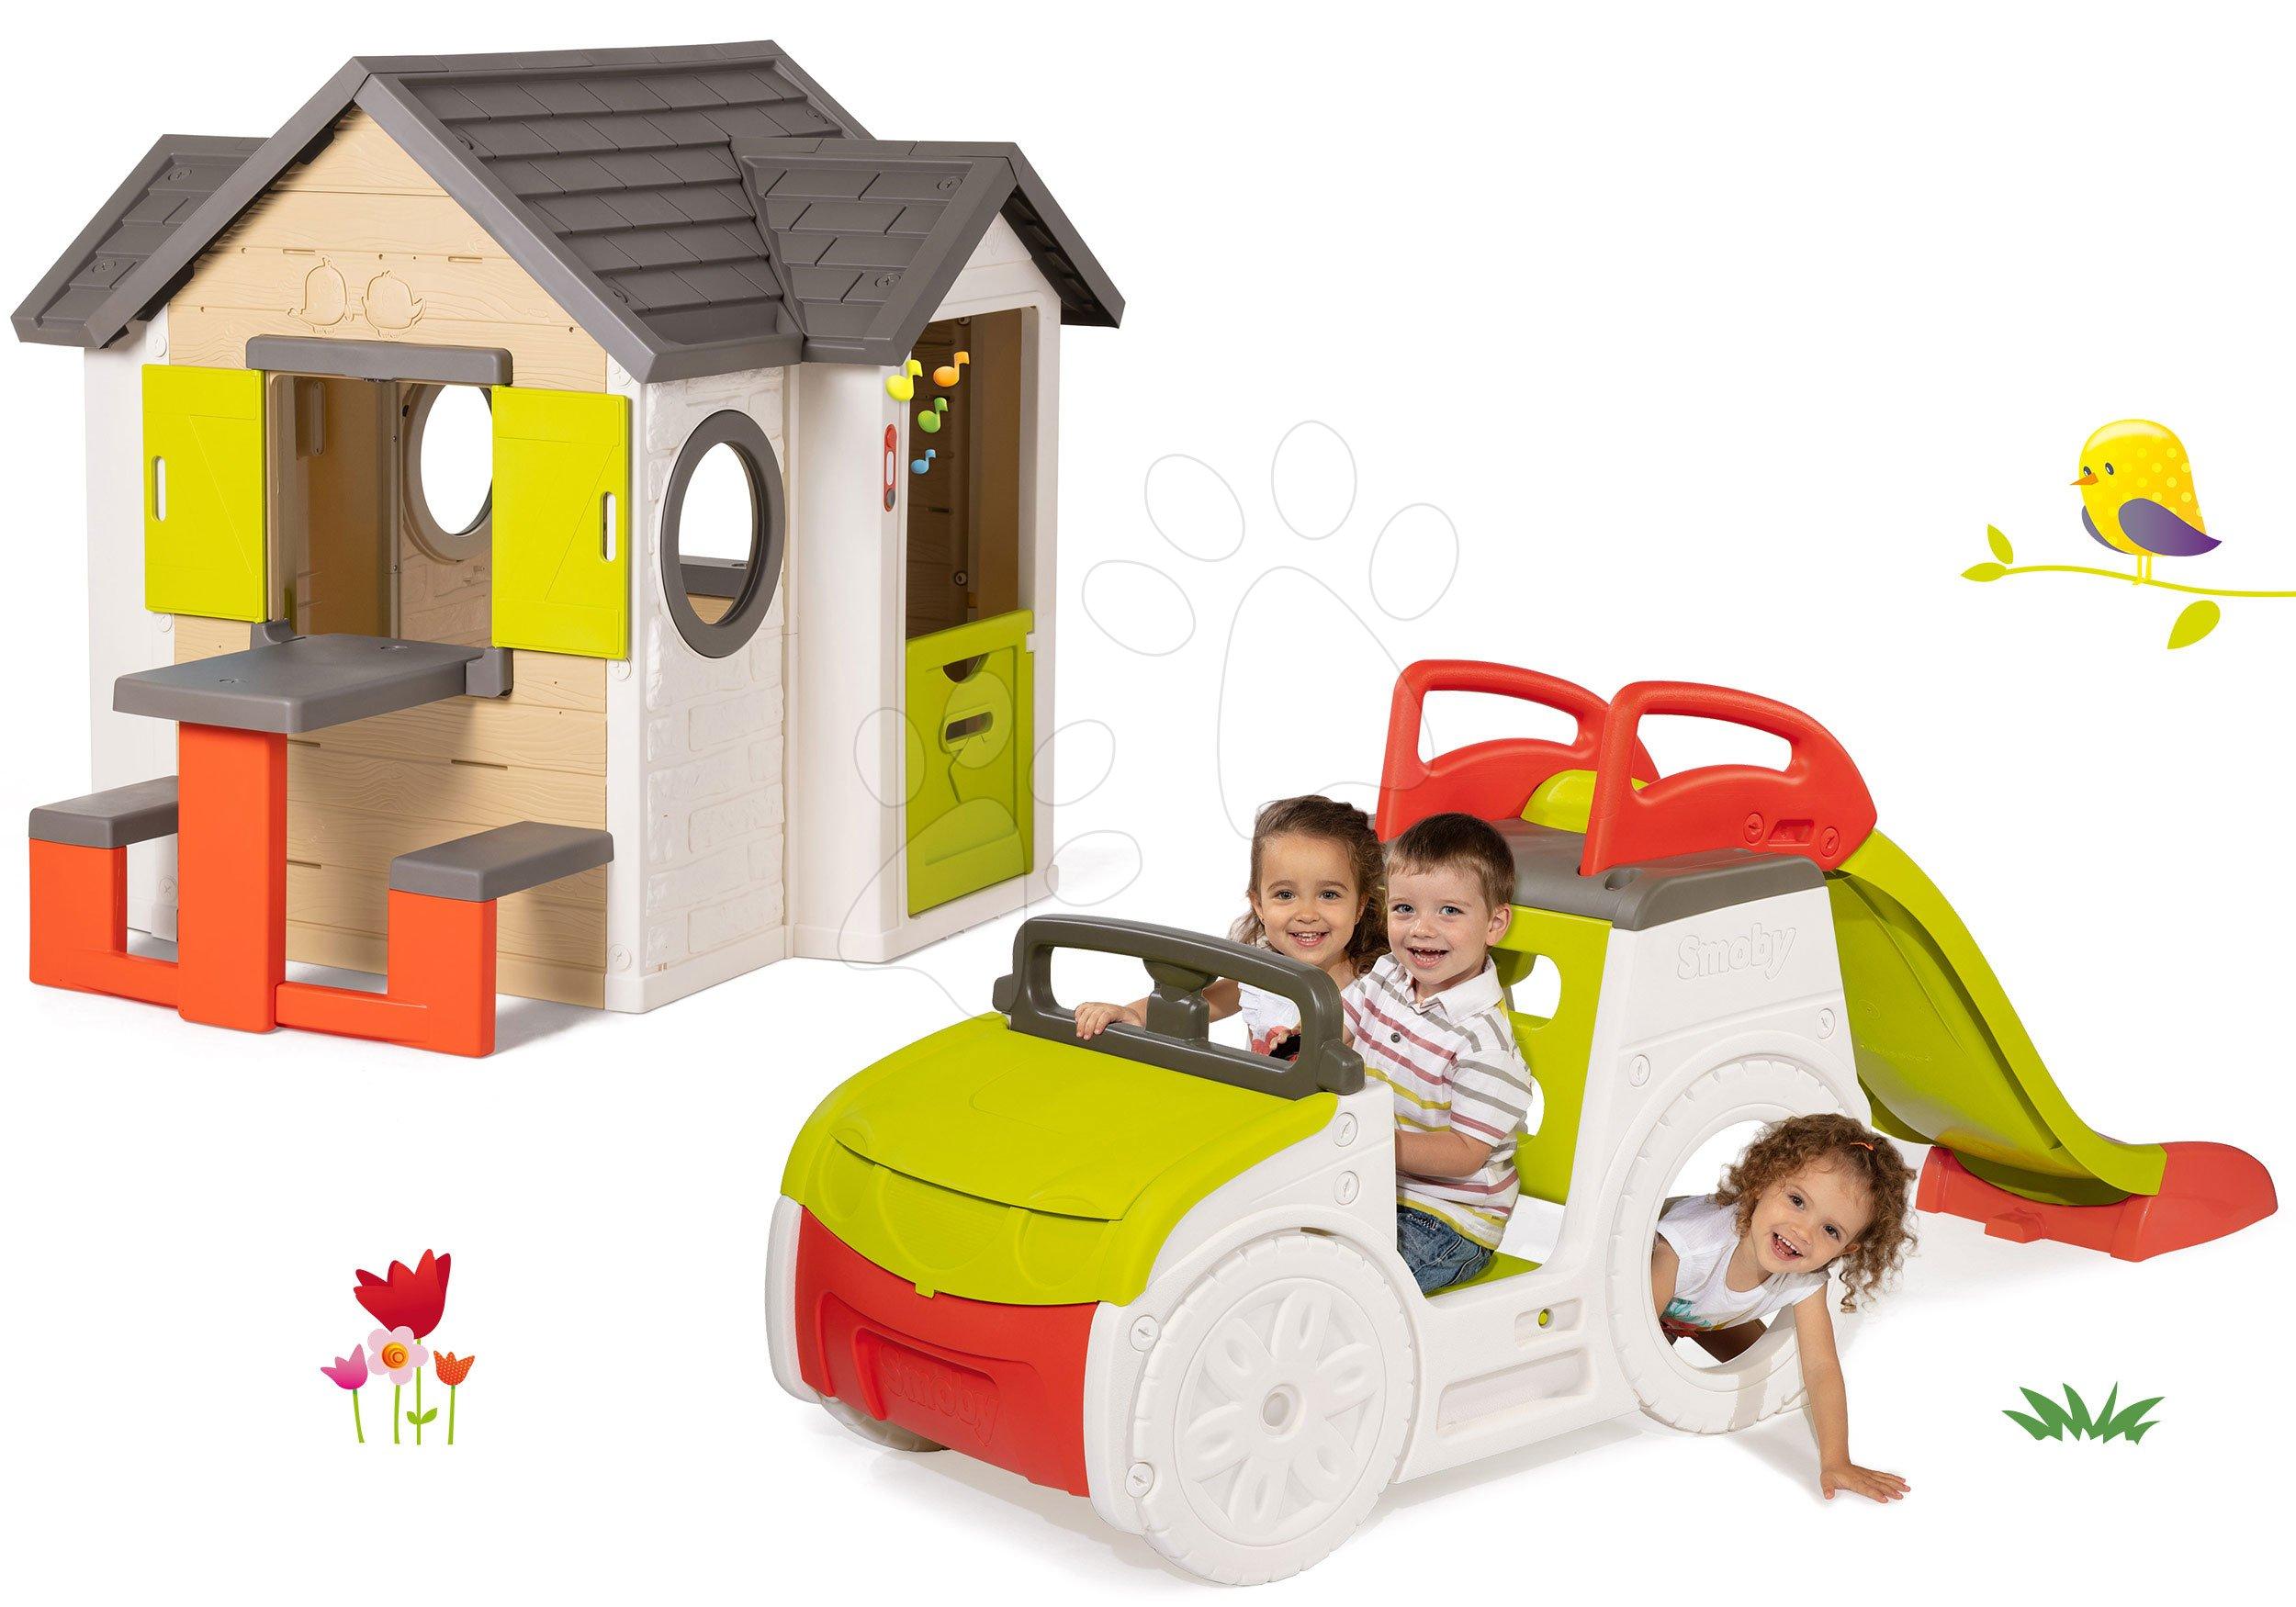 Szett házikó My Neo House DeLuxe Smoby csengővel asztallal és mászóka Adventure Car homokozóval és csúszdával 1,5 m 24 hó-tól